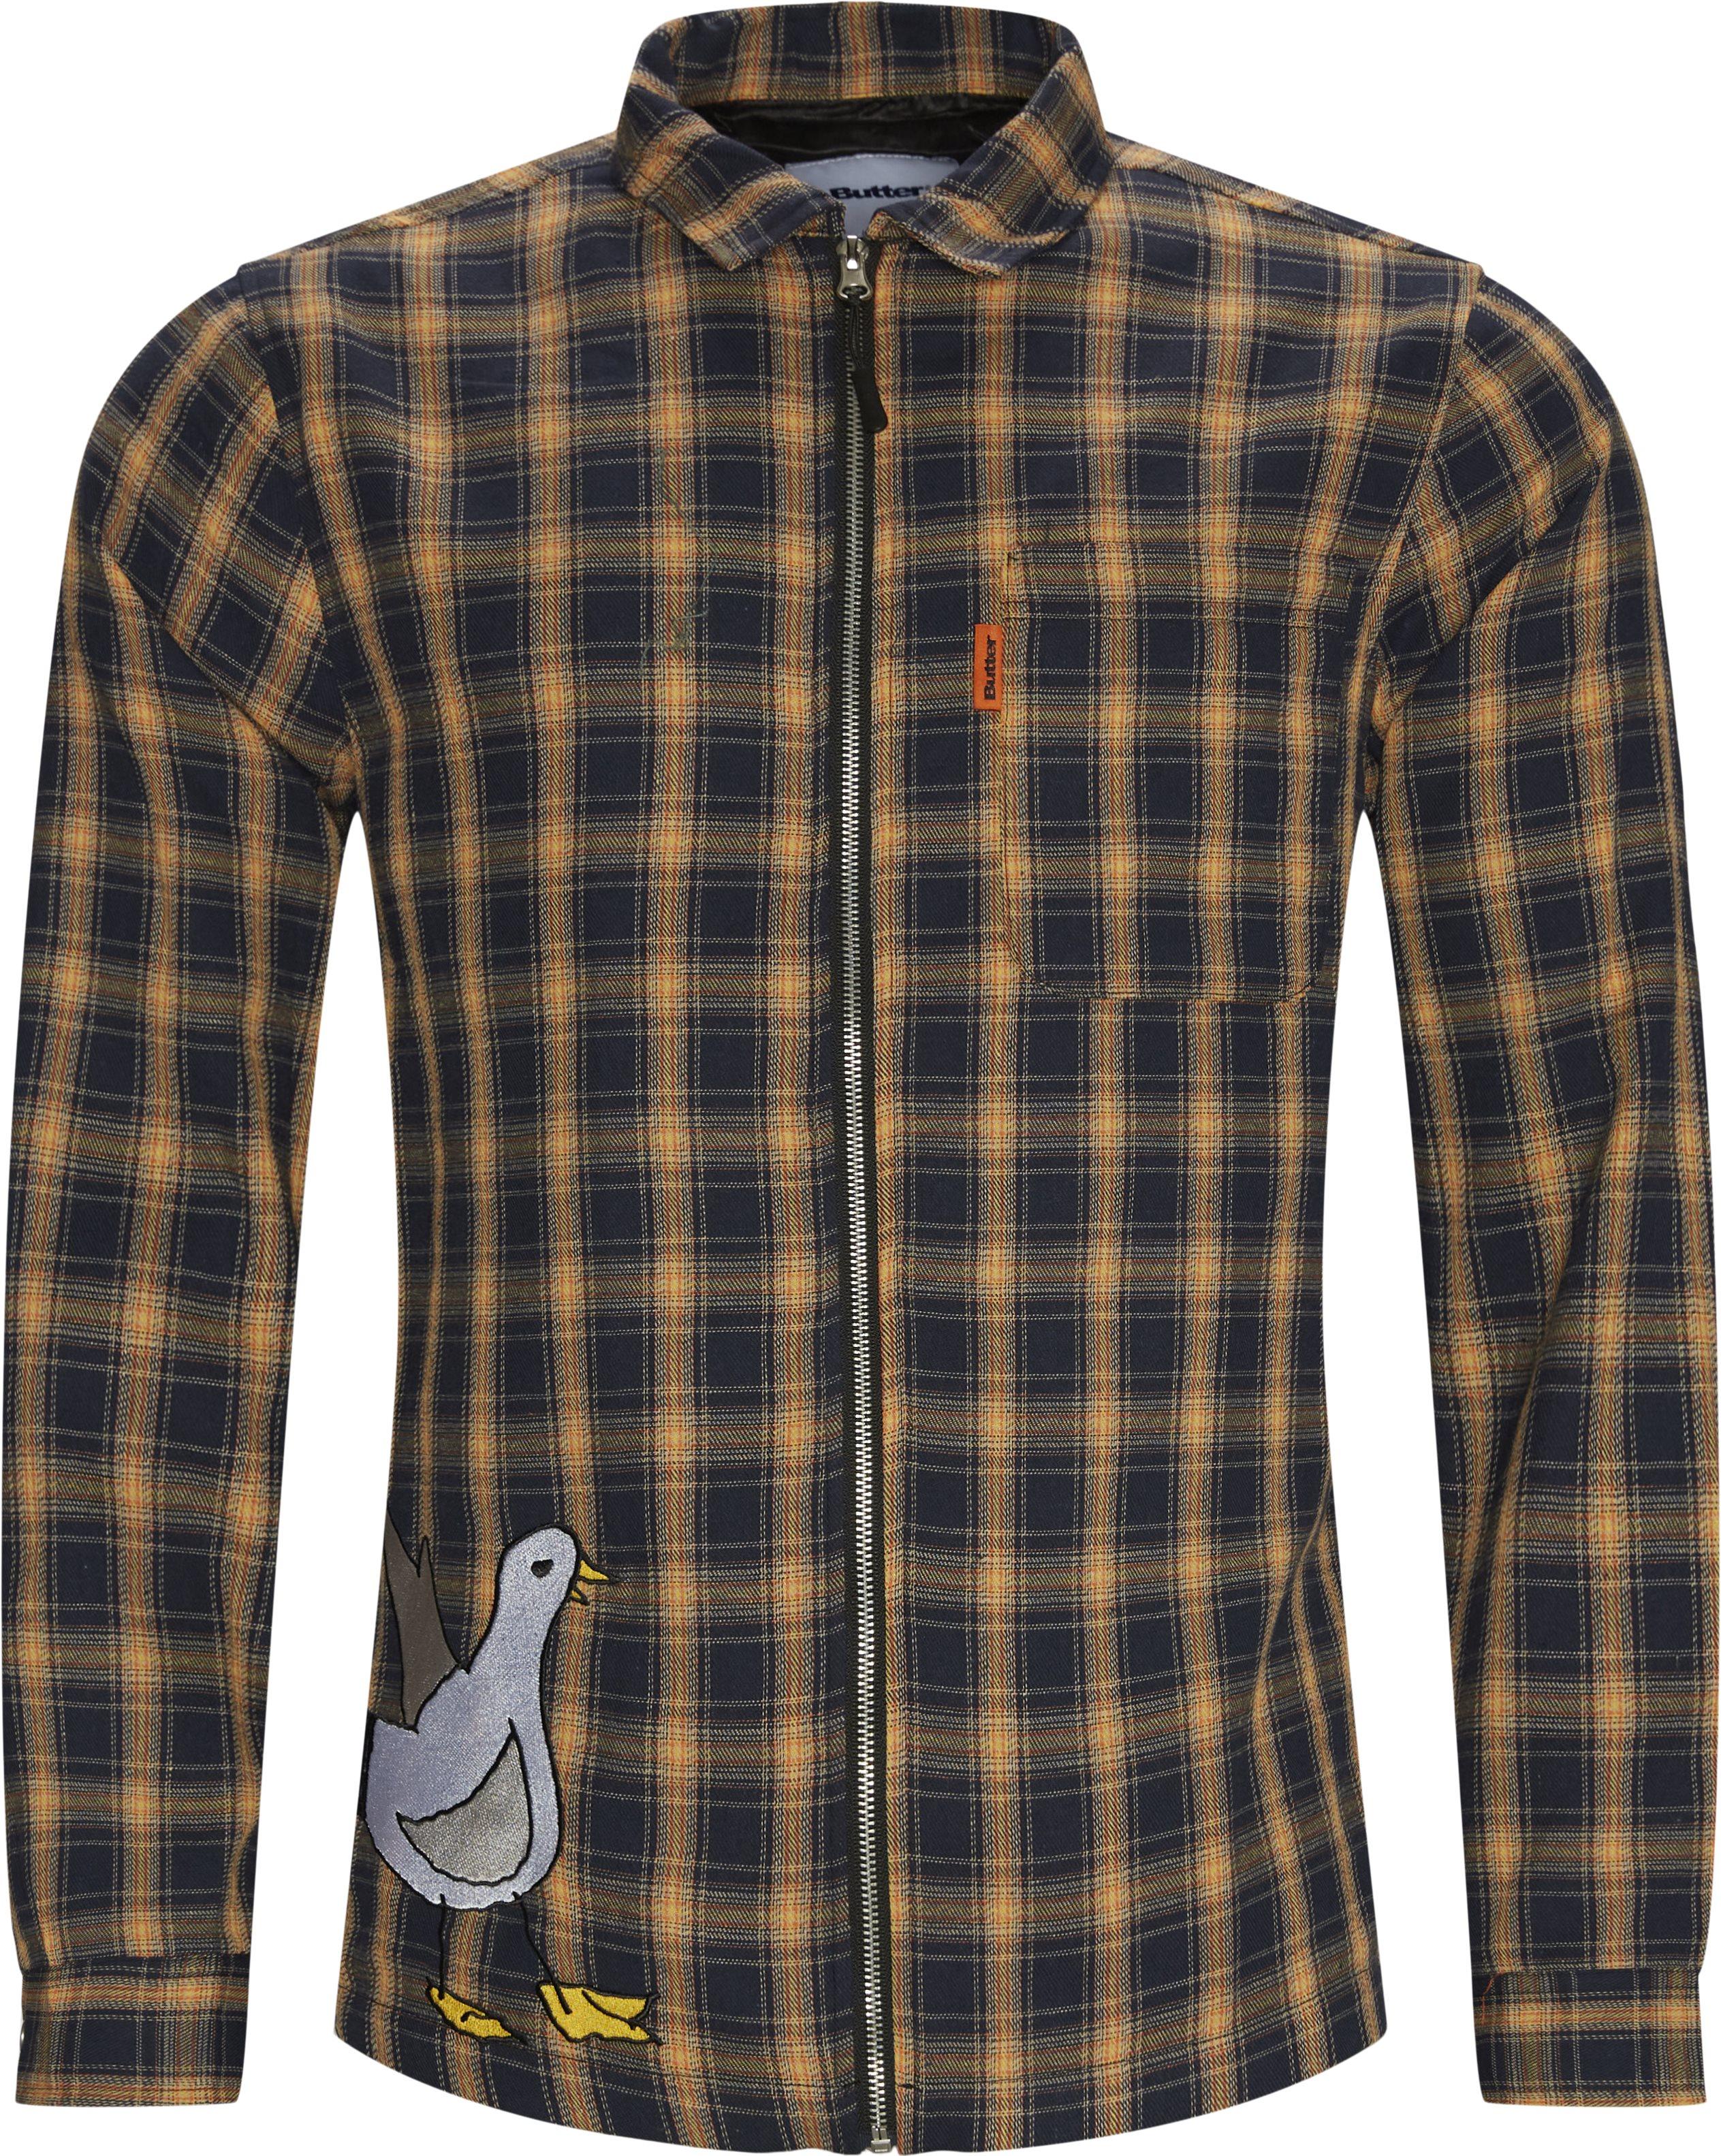 Gullwing Plaid Vindjakke - Jackor - Regular fit - Blå